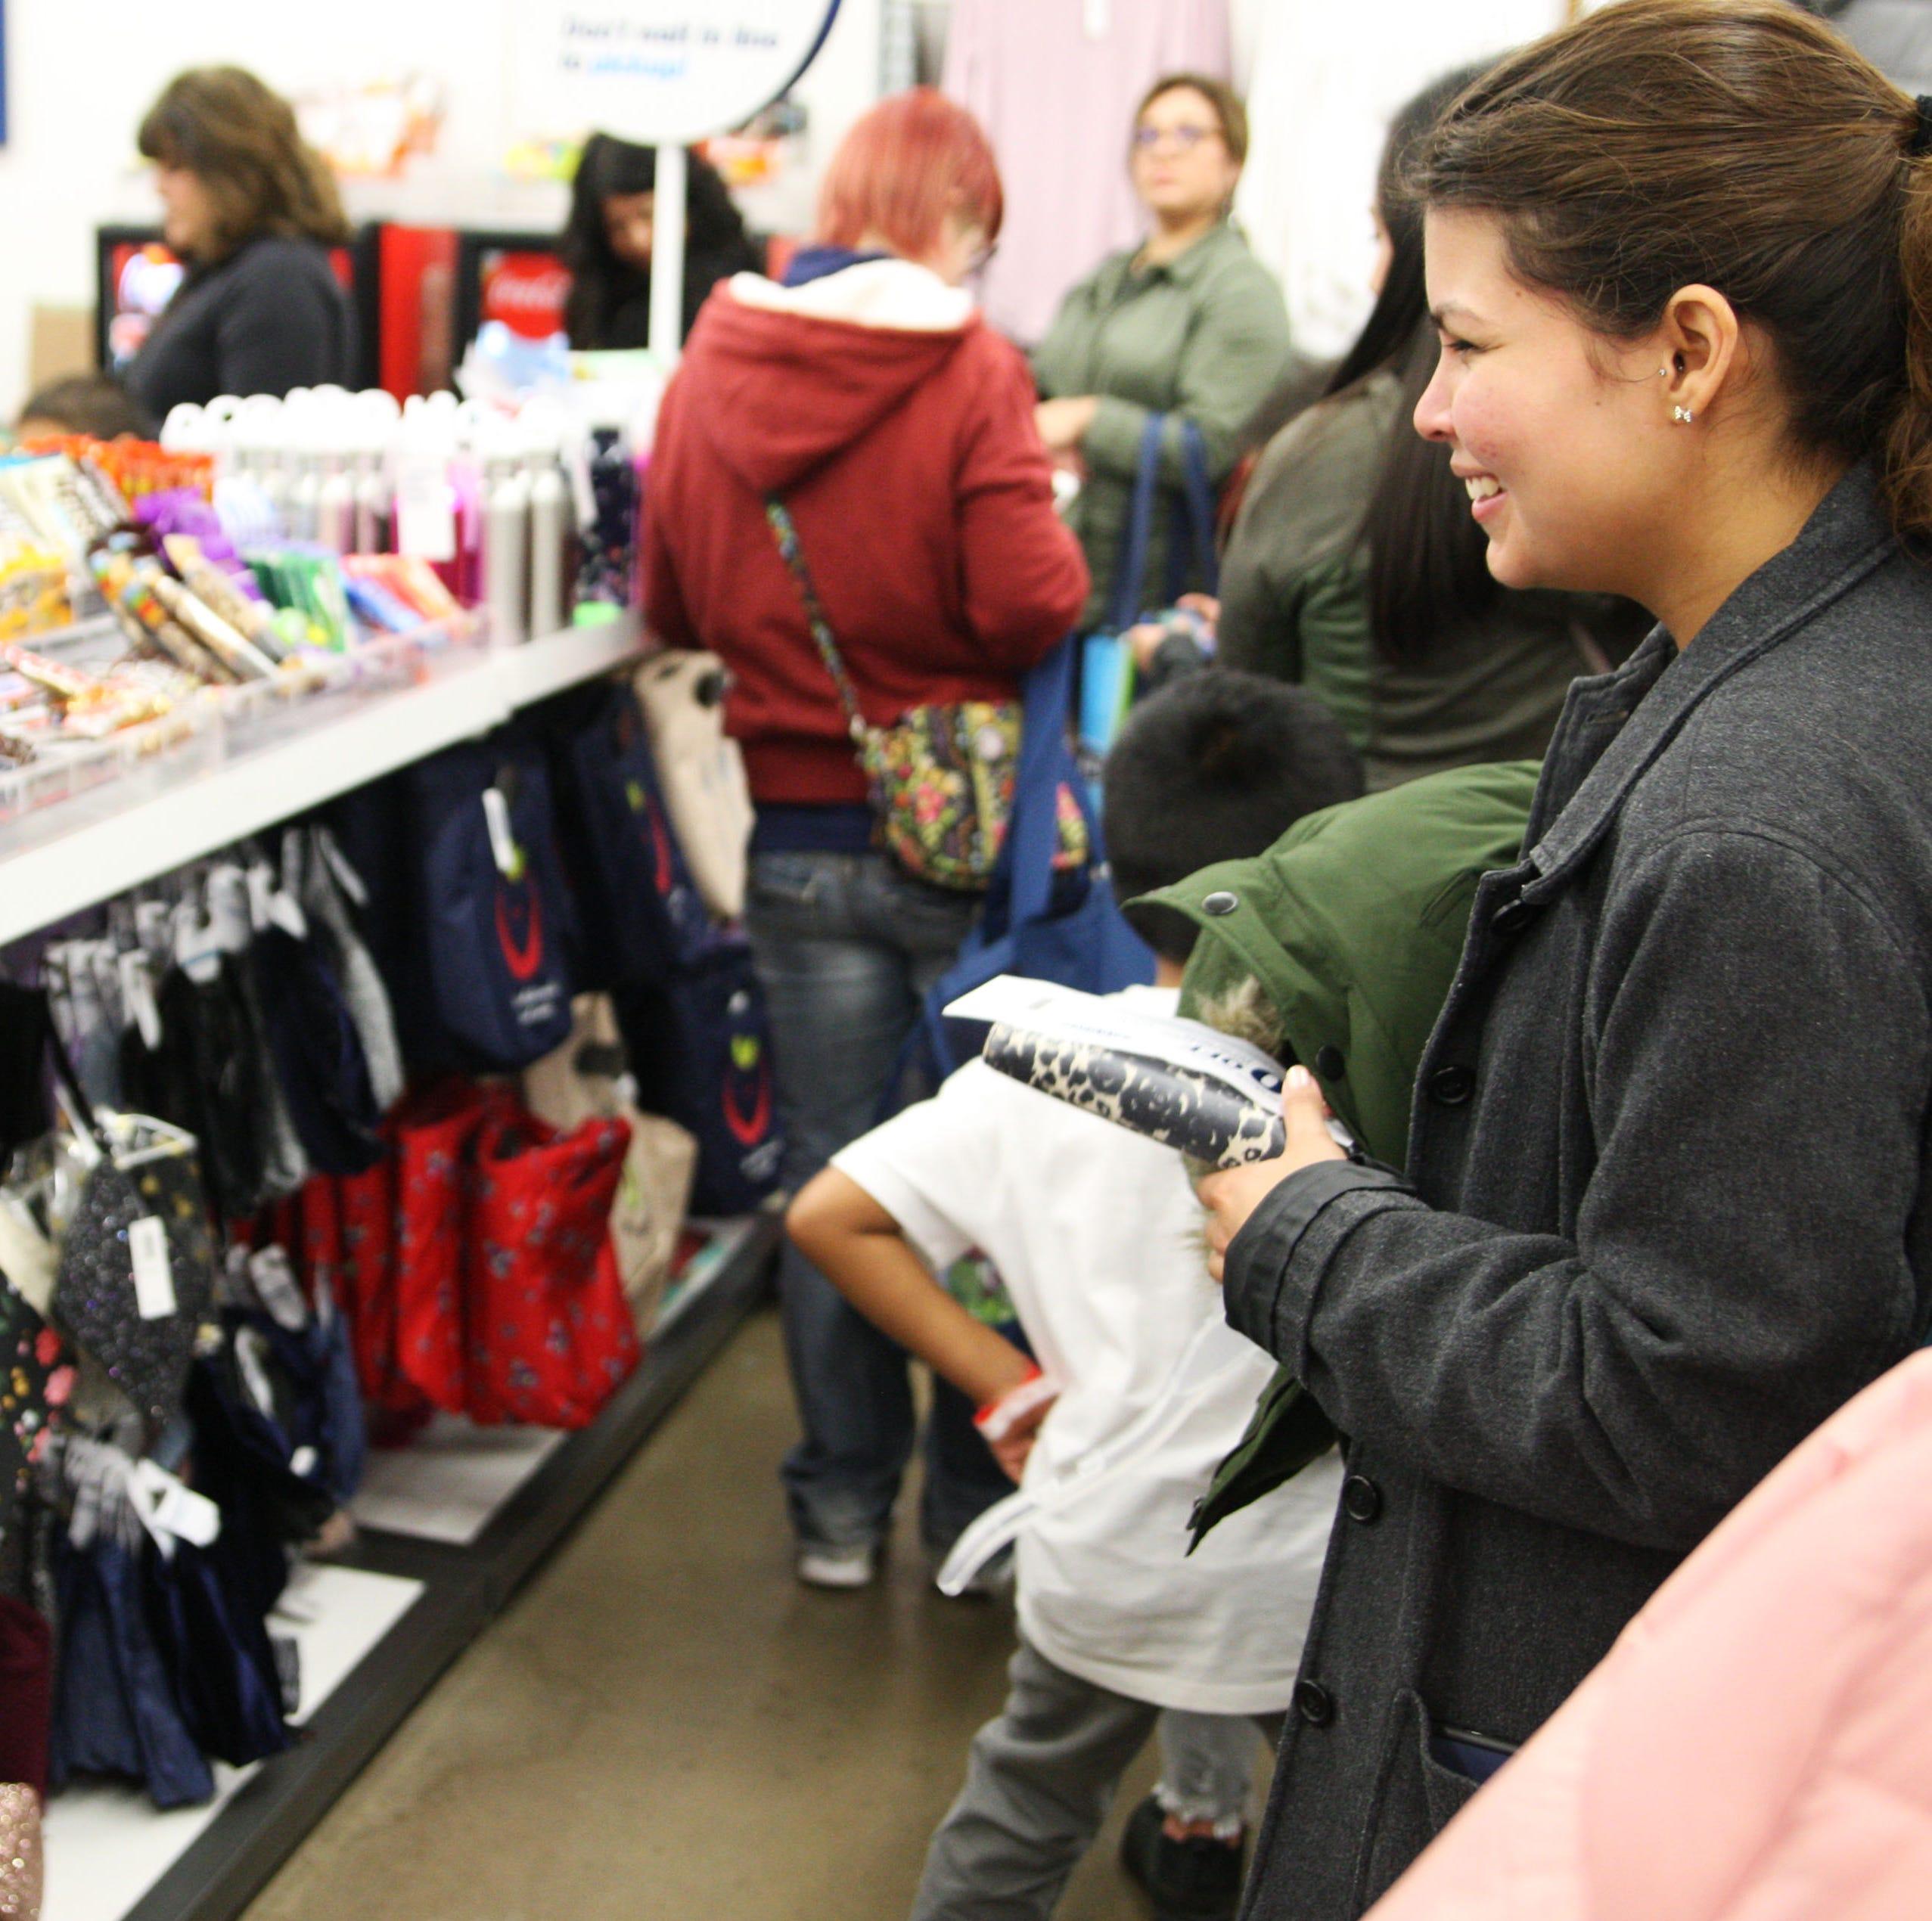 Disfrutan niños al adquirir ropa de invierno durante compras de Navidad